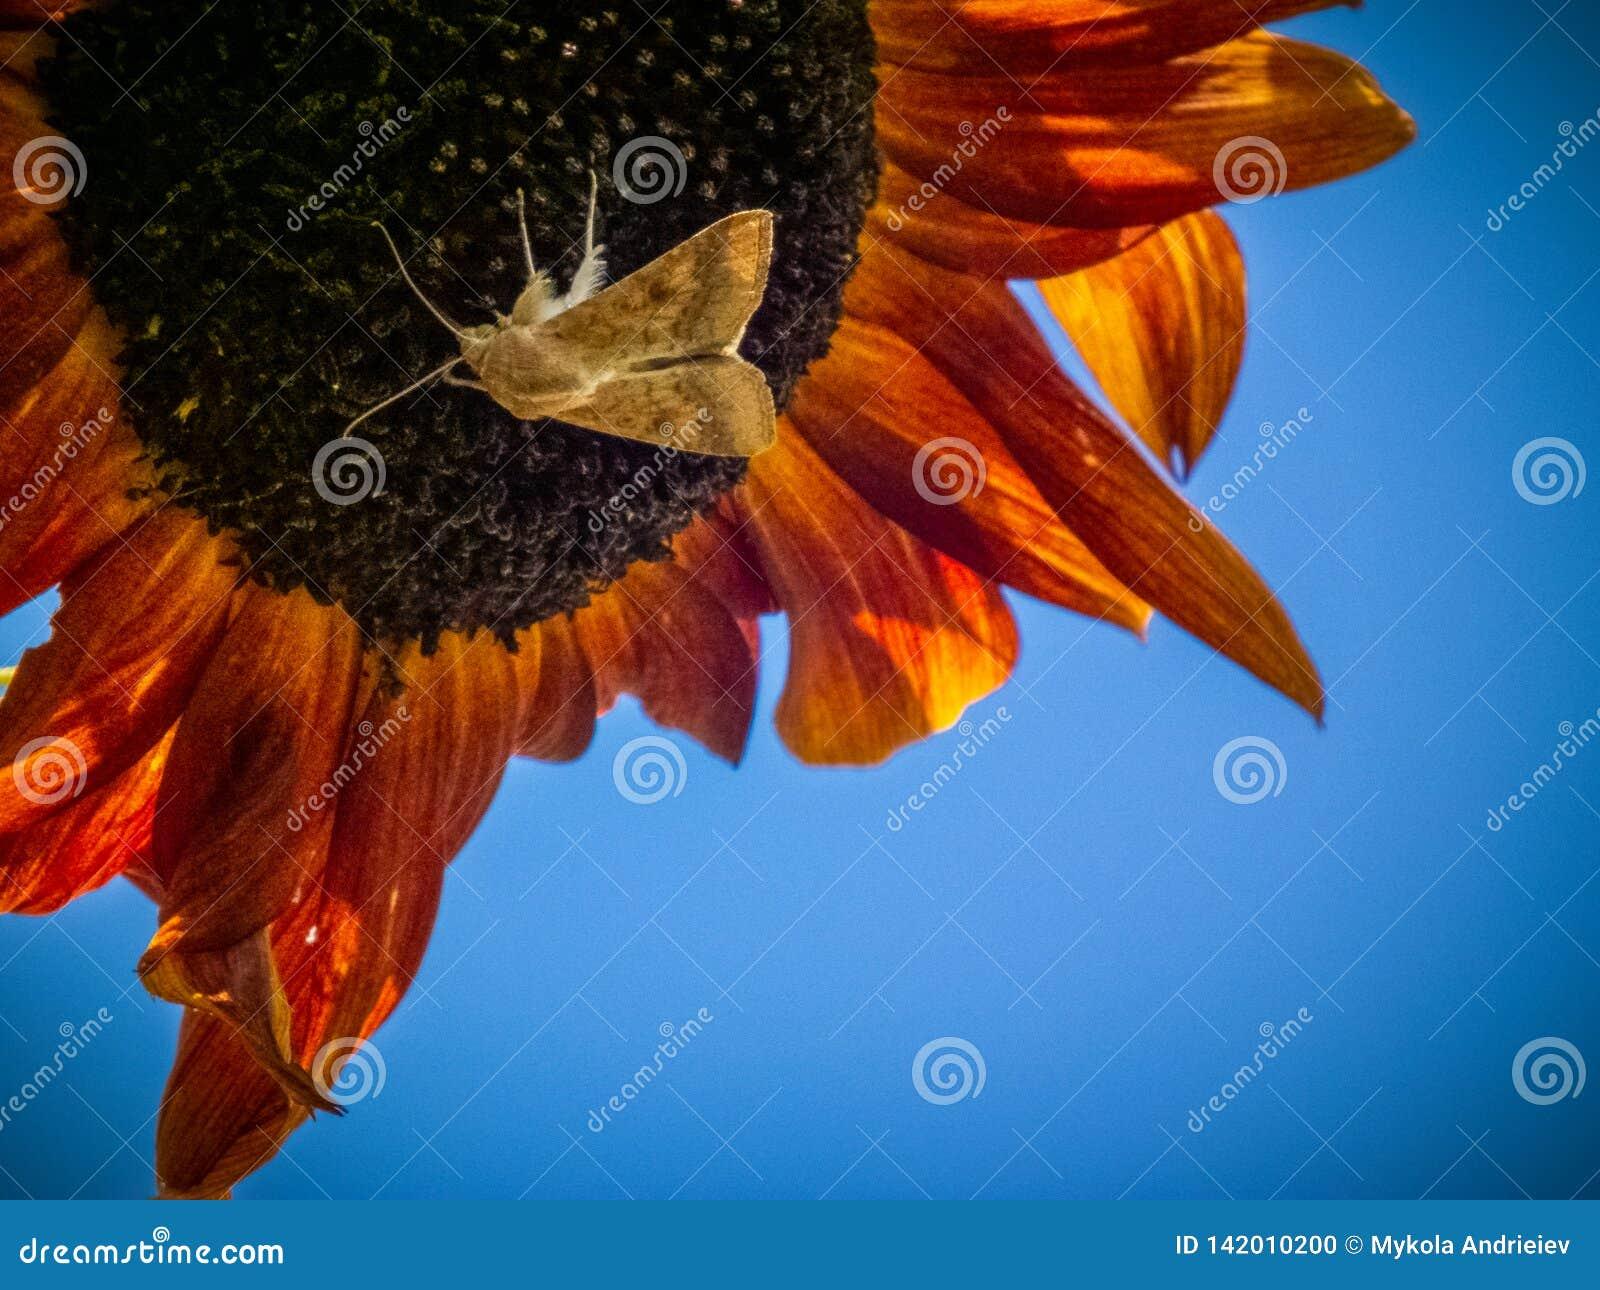 Nature, flore, faune, tournesol, papillon